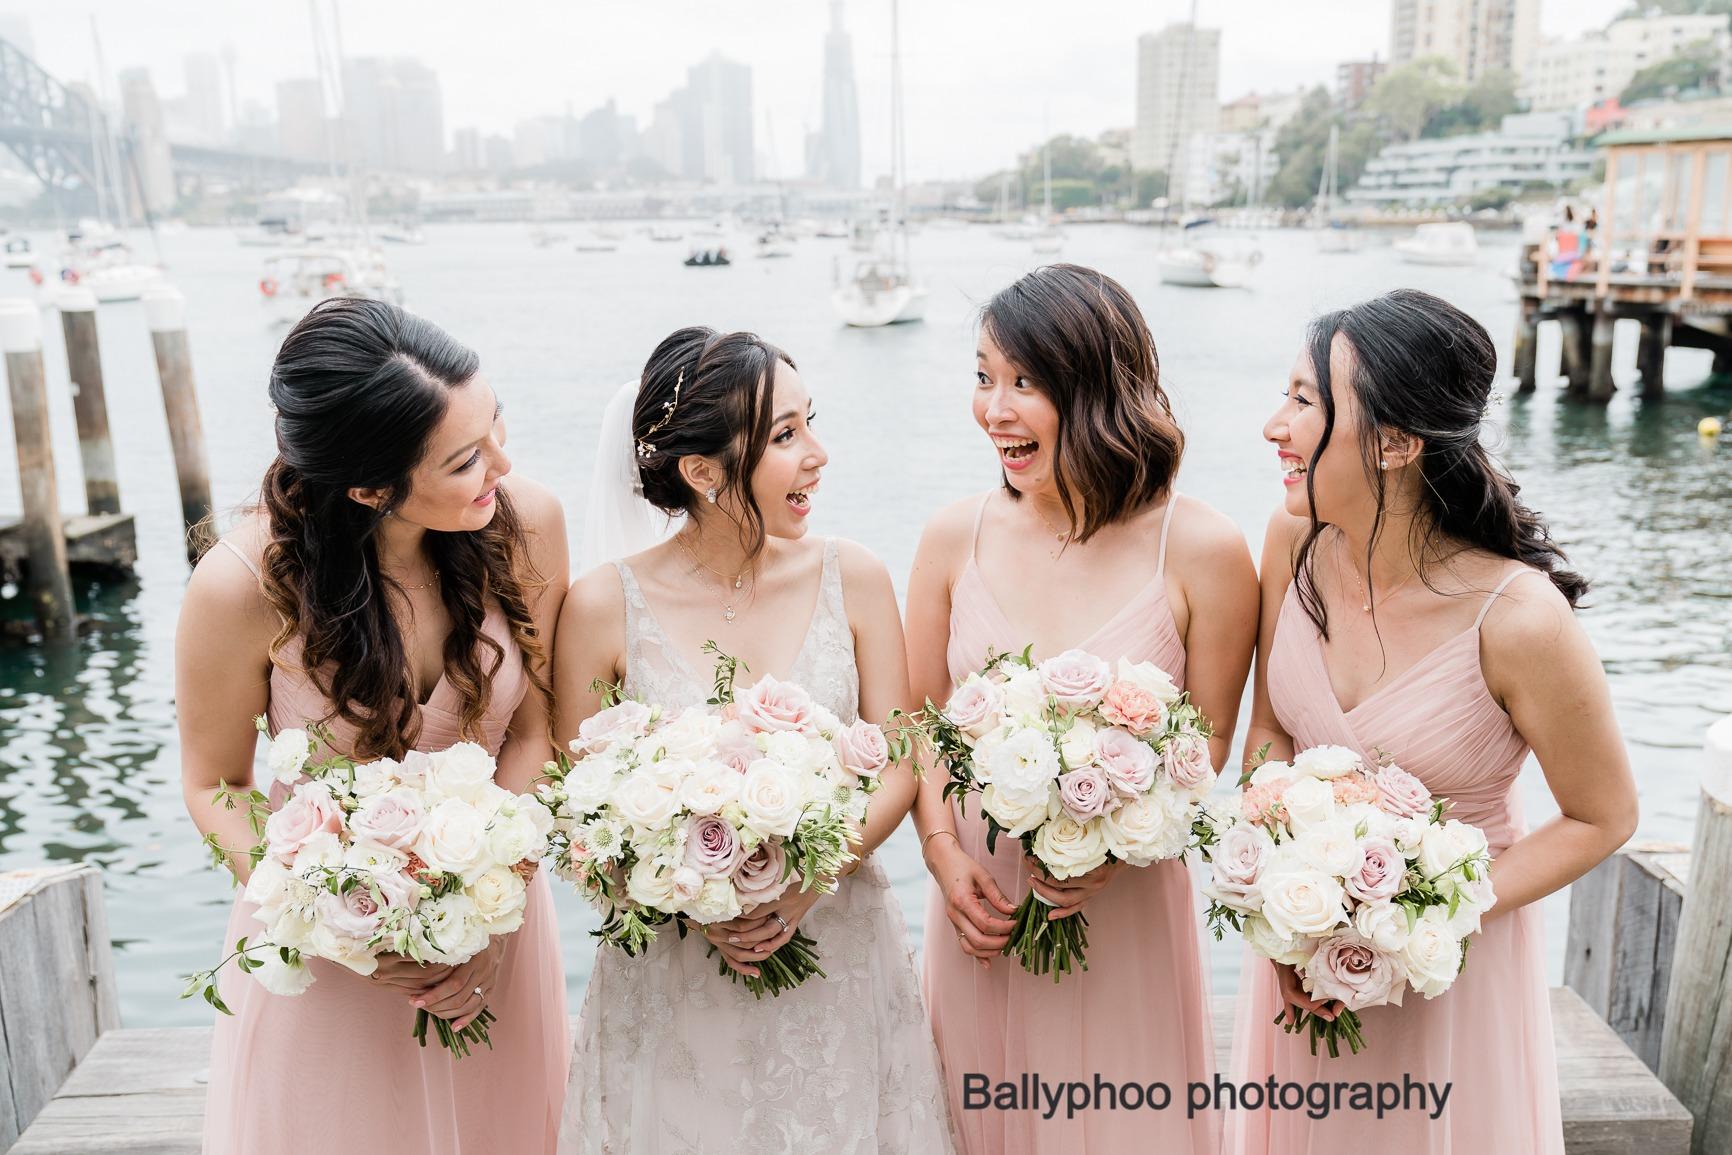 Ballyphoo photography